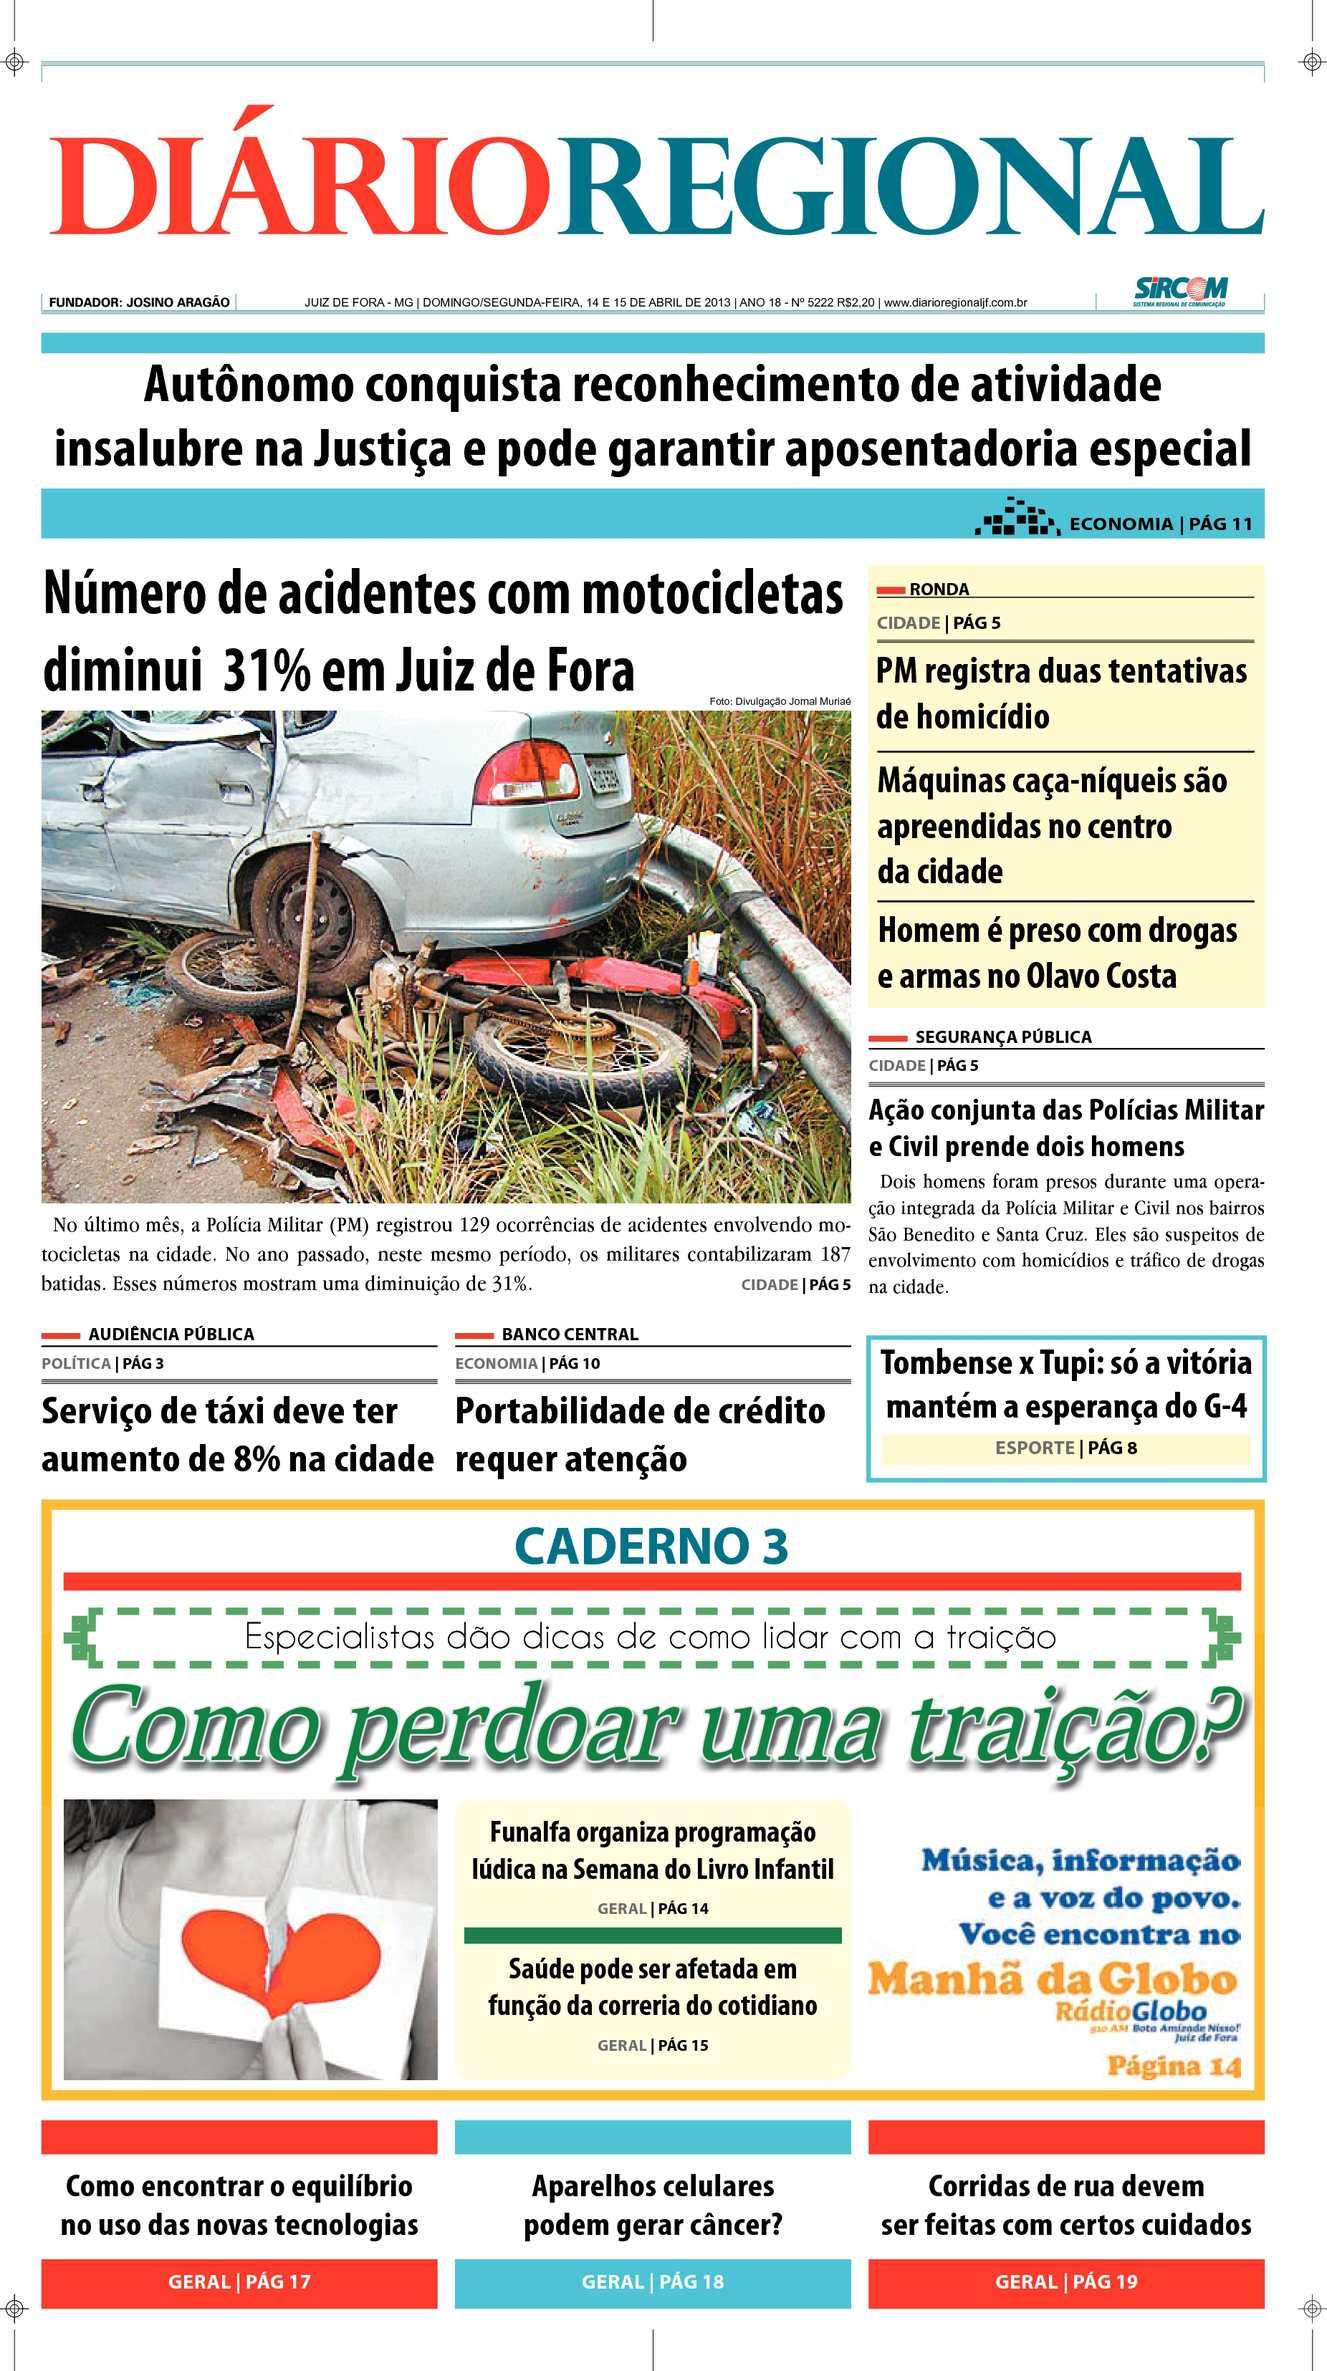 502fd9bab9c24 Calaméo - Edição 14 e 15 04 2013